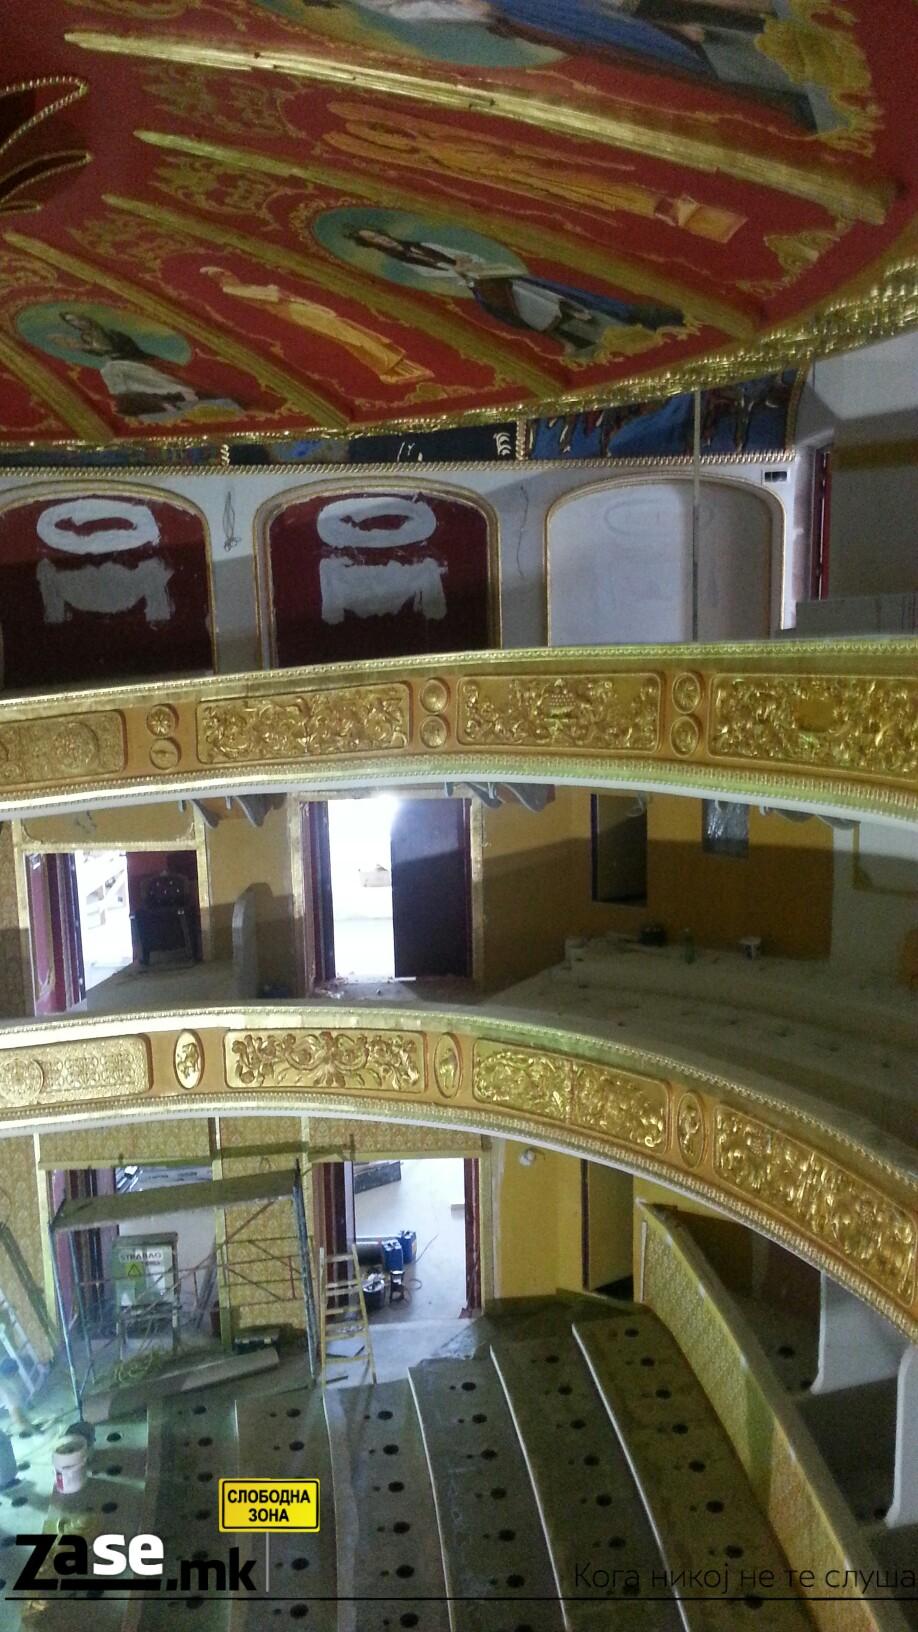 t211 Σκόπια: Παραλλαγές του Ήλιου της Βεργίνας στο νέο κτίριο του Εθνικού θεάτρου